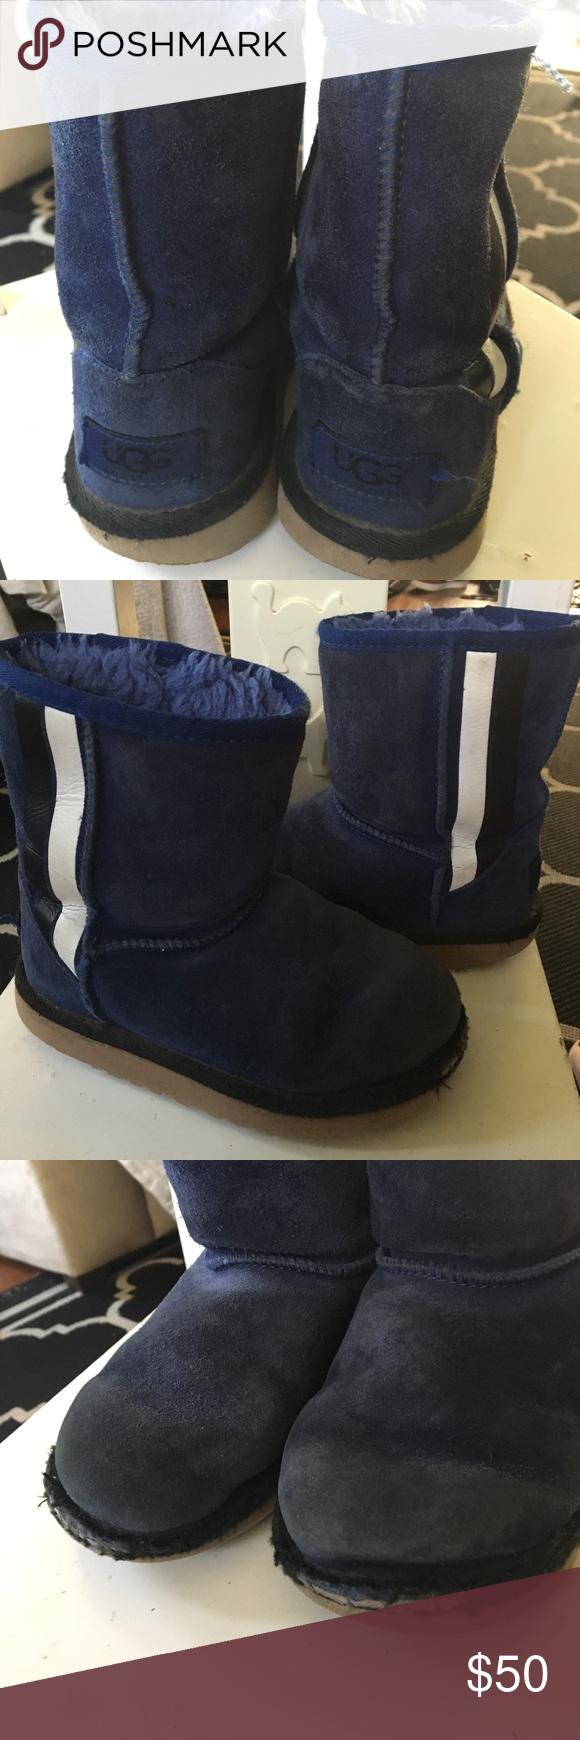 Children s UGG boots  67dfc0a40